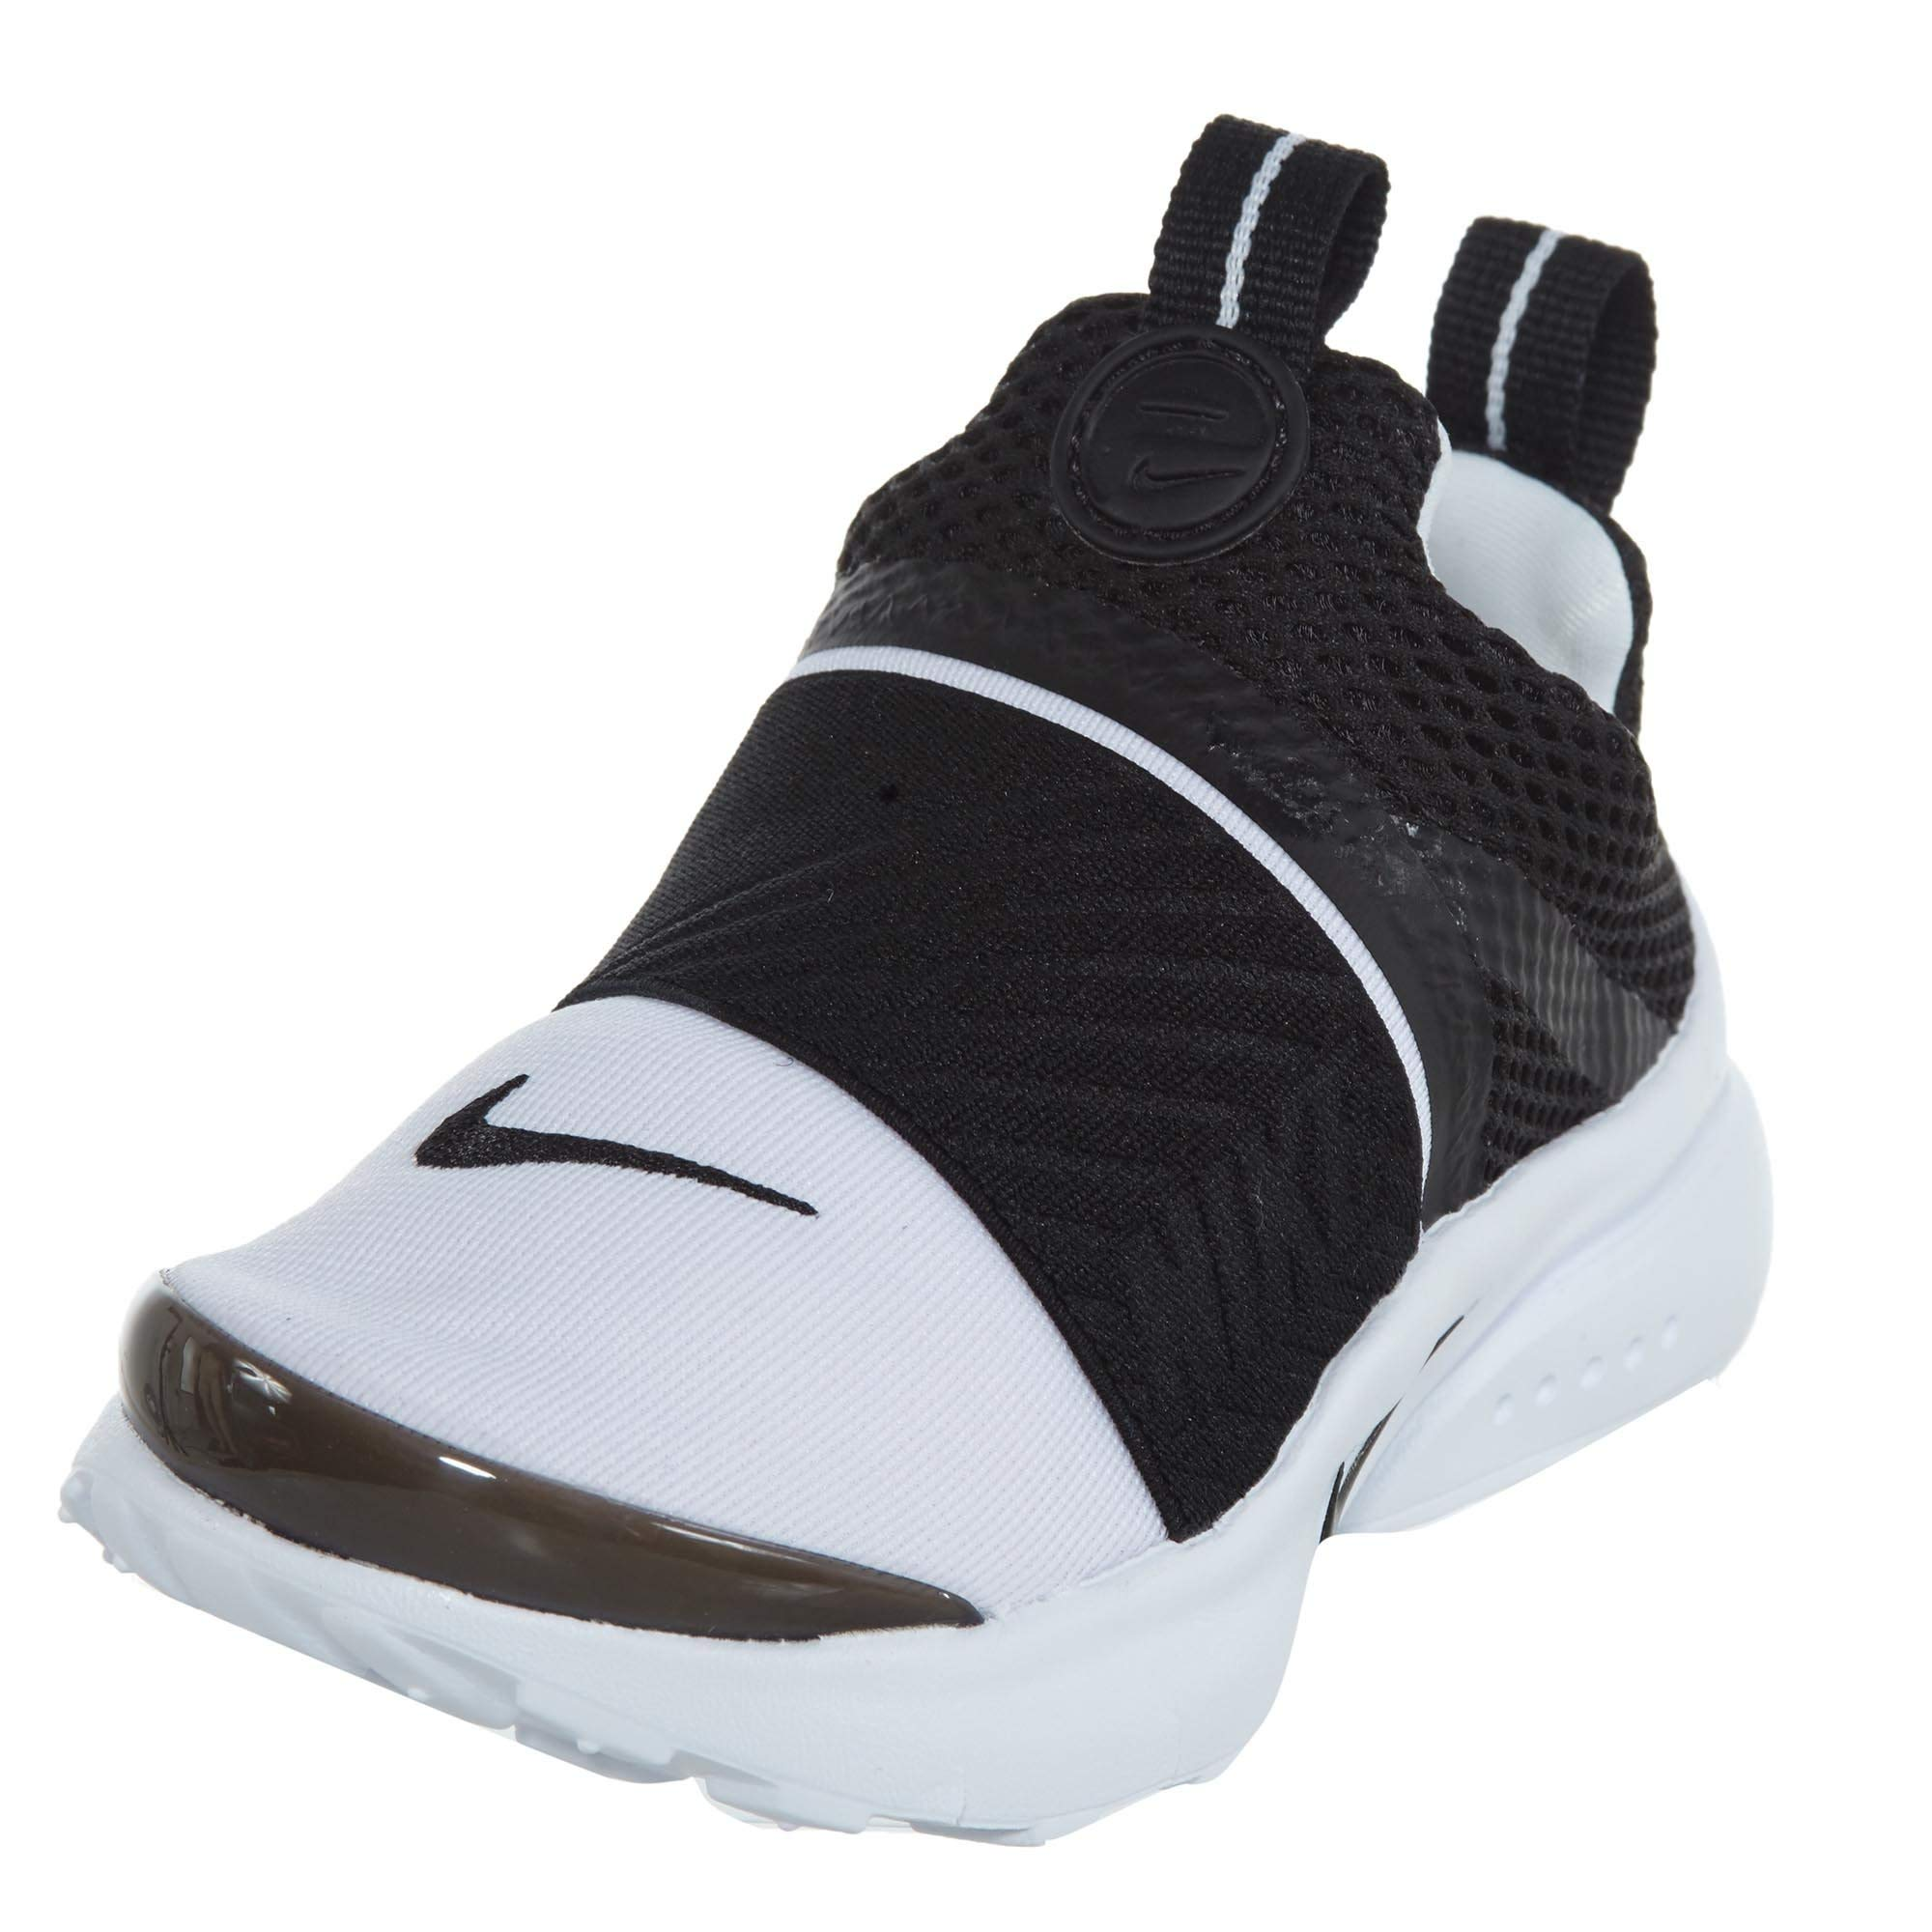 Boys' Nike Presto Extreme (PS) Pre